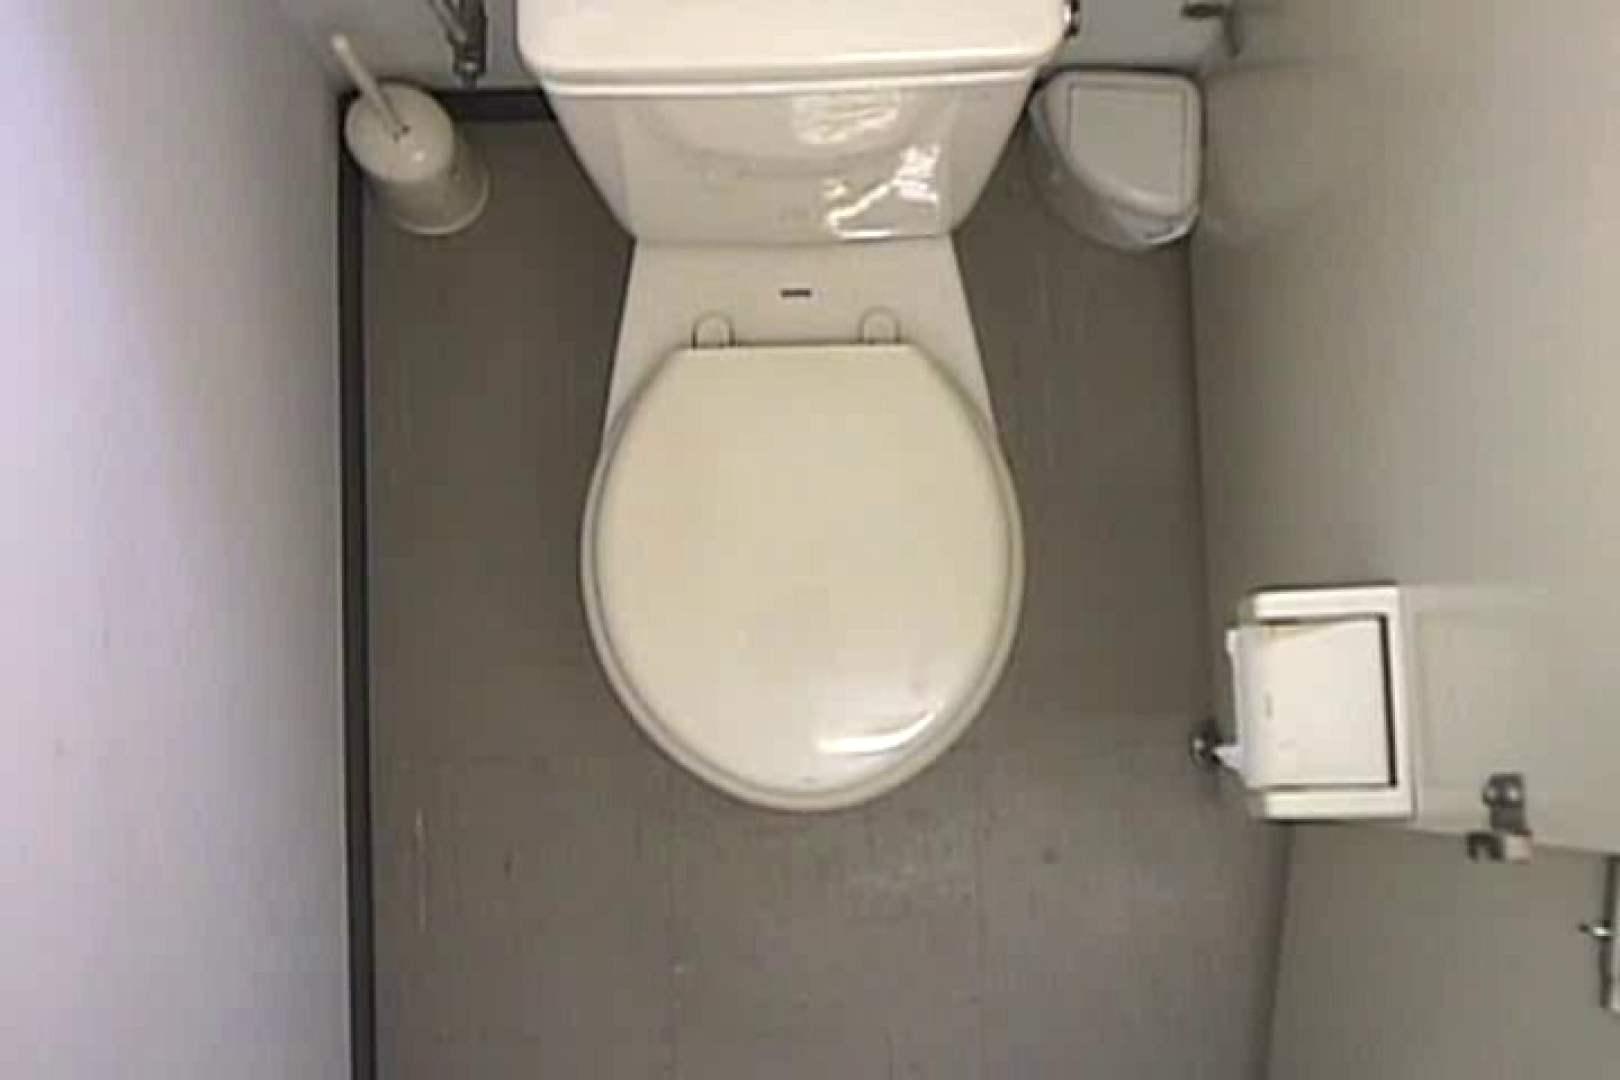 雑居ビル洗面所オナニーVol.5 OLの実態 | 洗面所  101pic 61